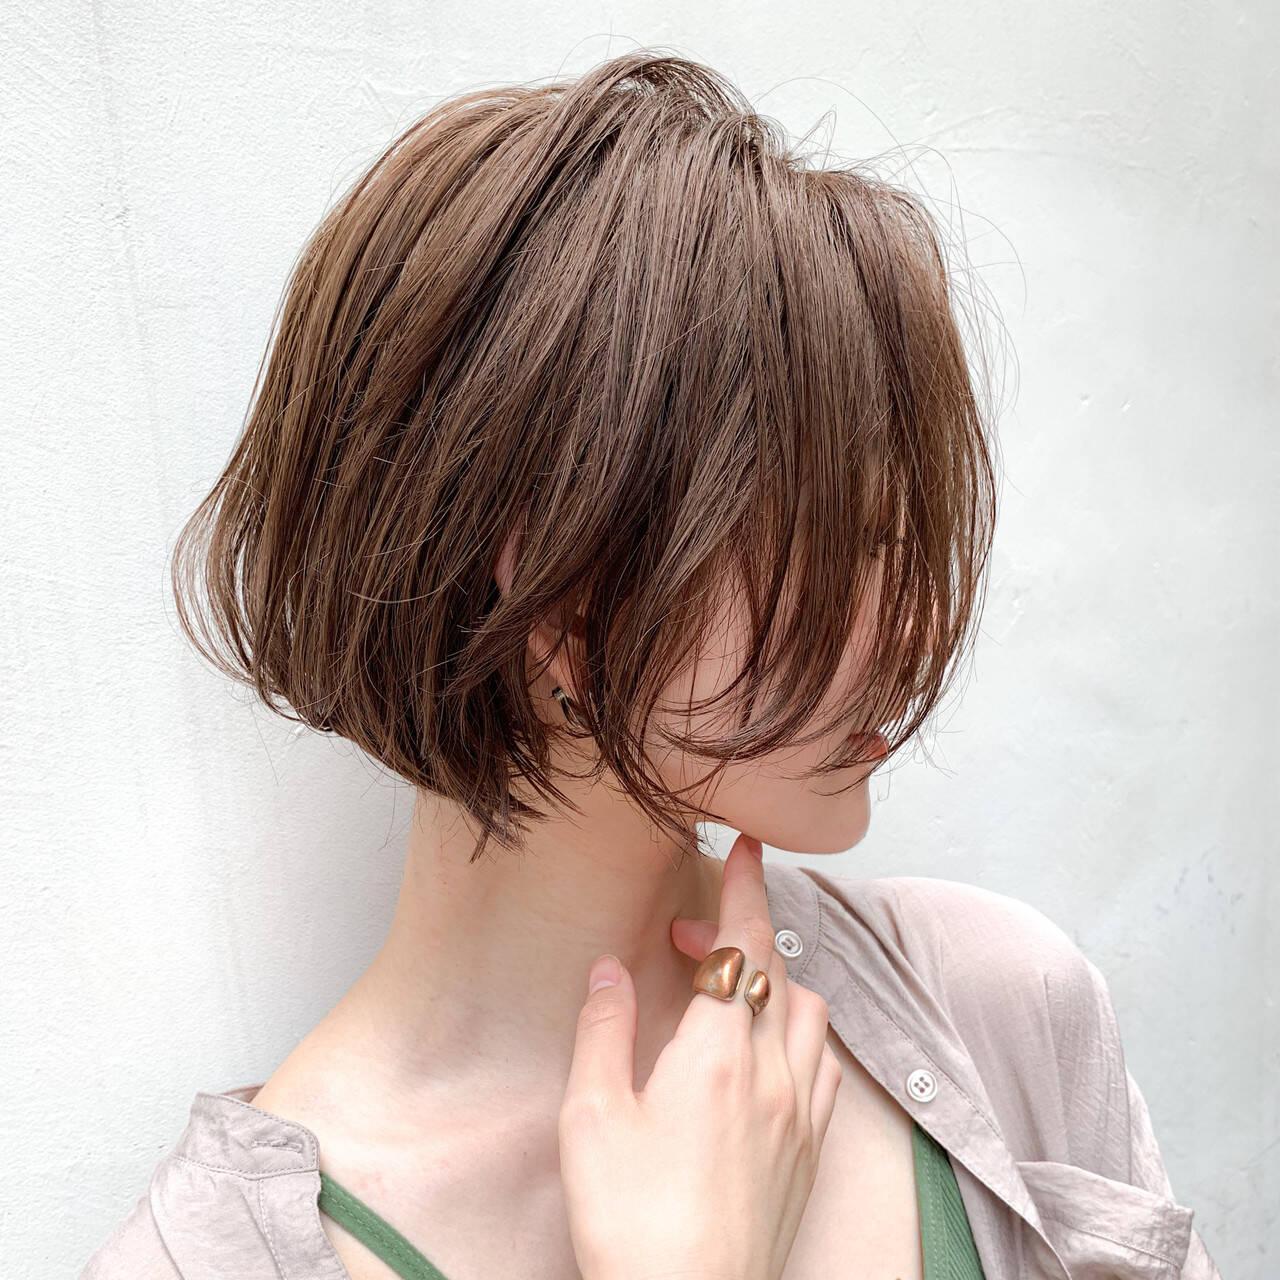 ナチュラル オリーブブラウン モカベージュ ショコラブラウンヘアスタイルや髪型の写真・画像